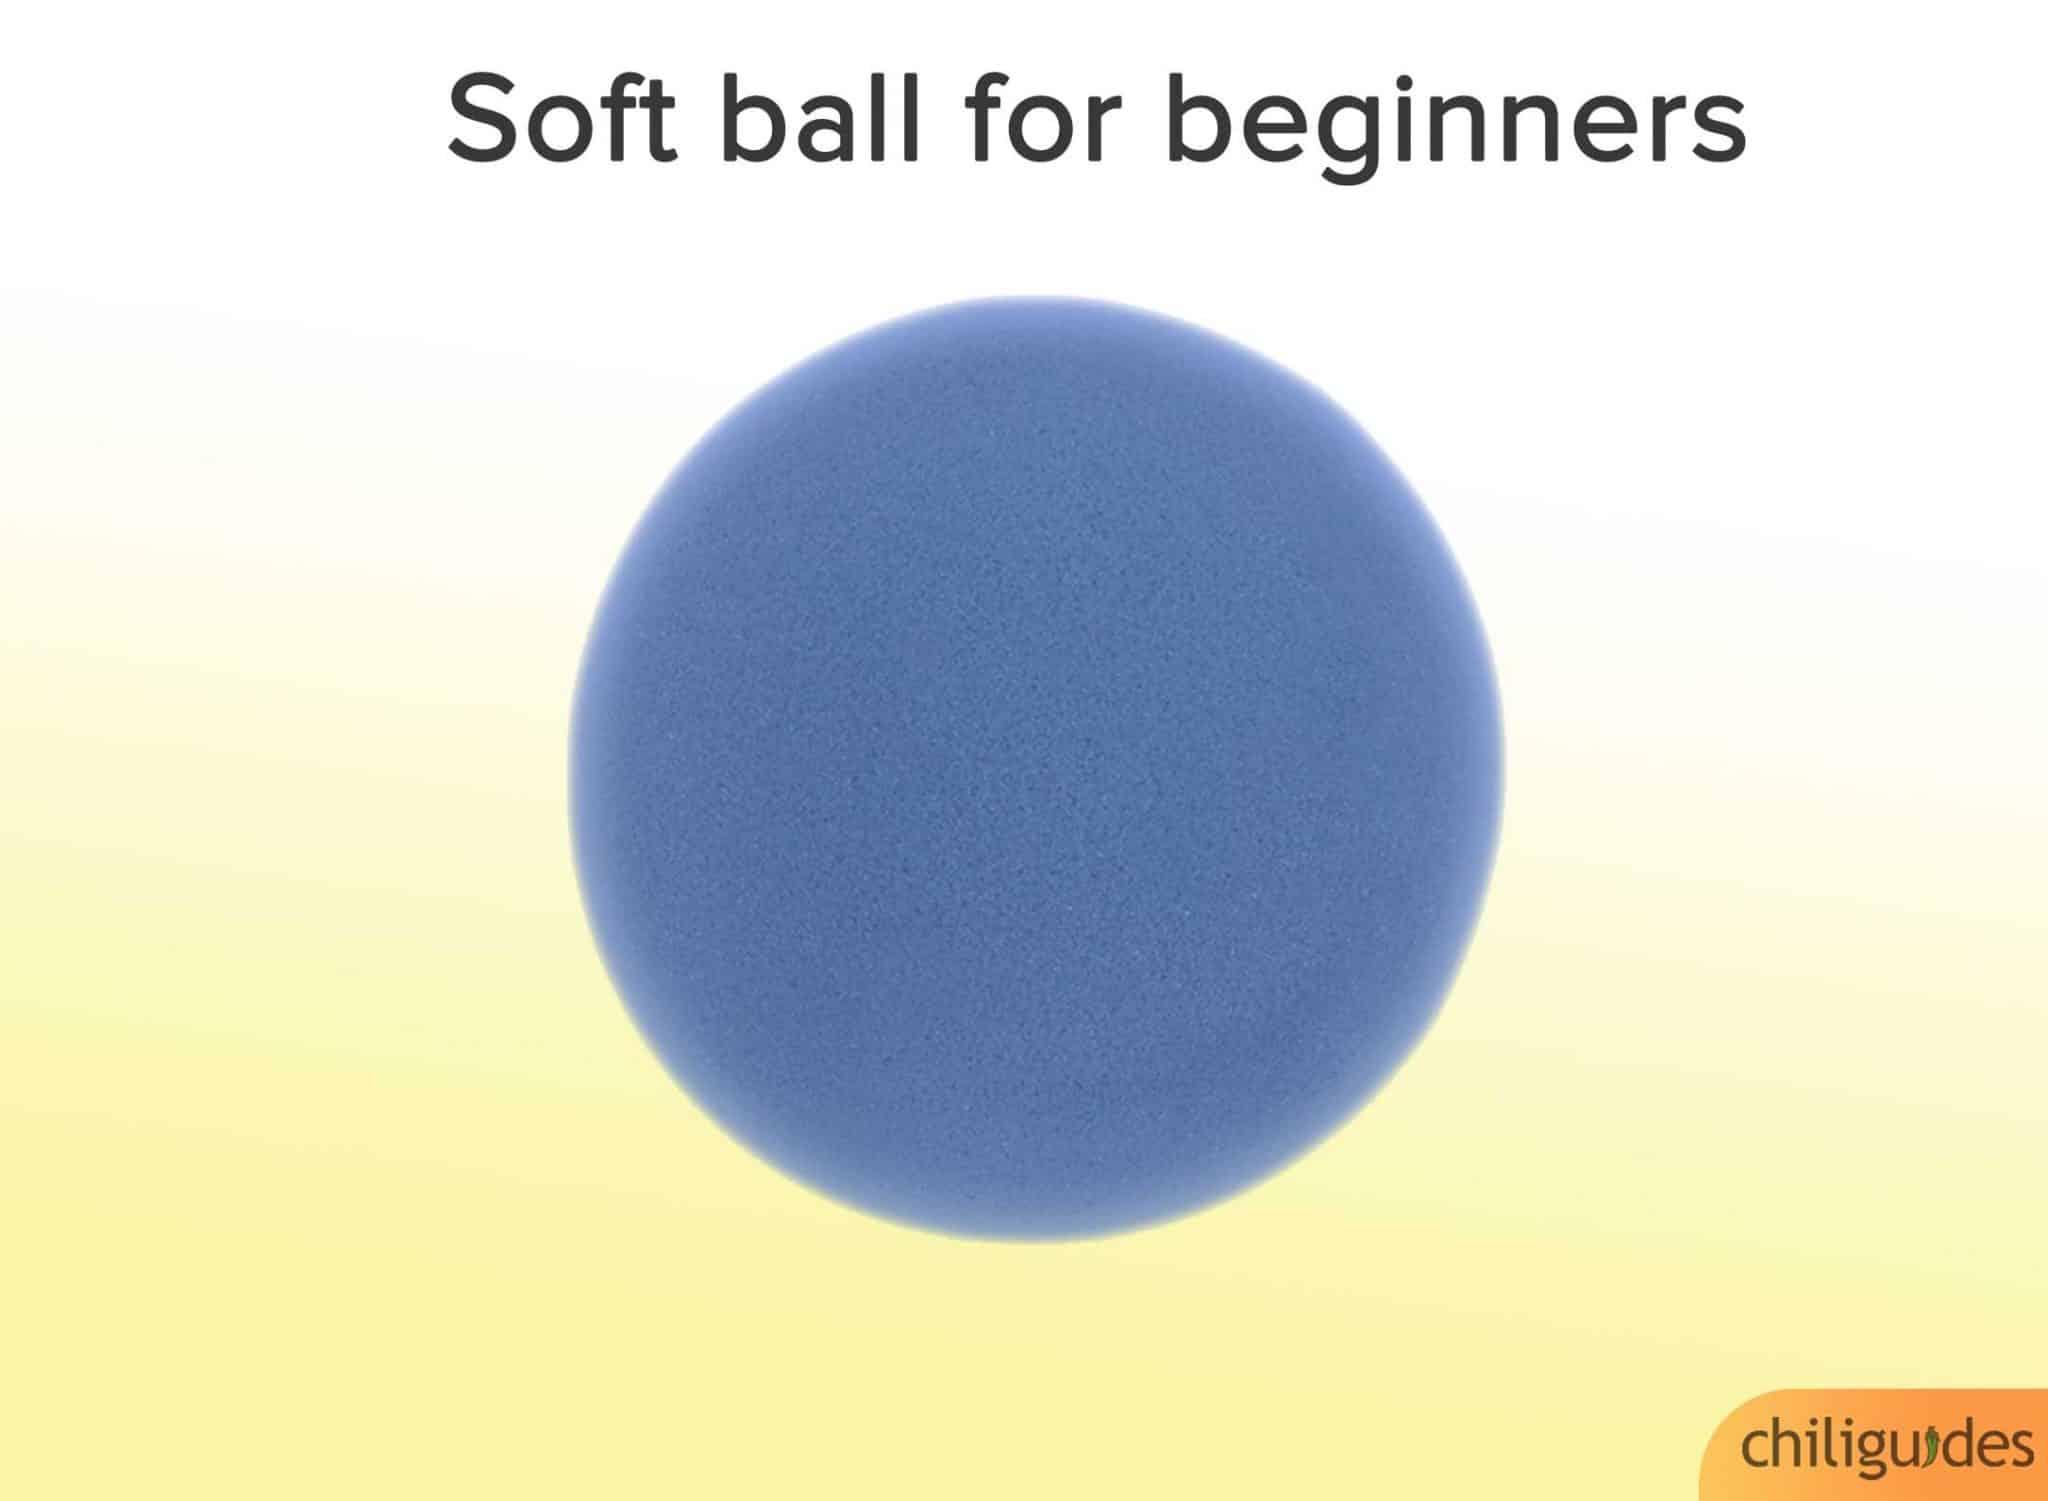 Choose a soft ball if you're a beginner.